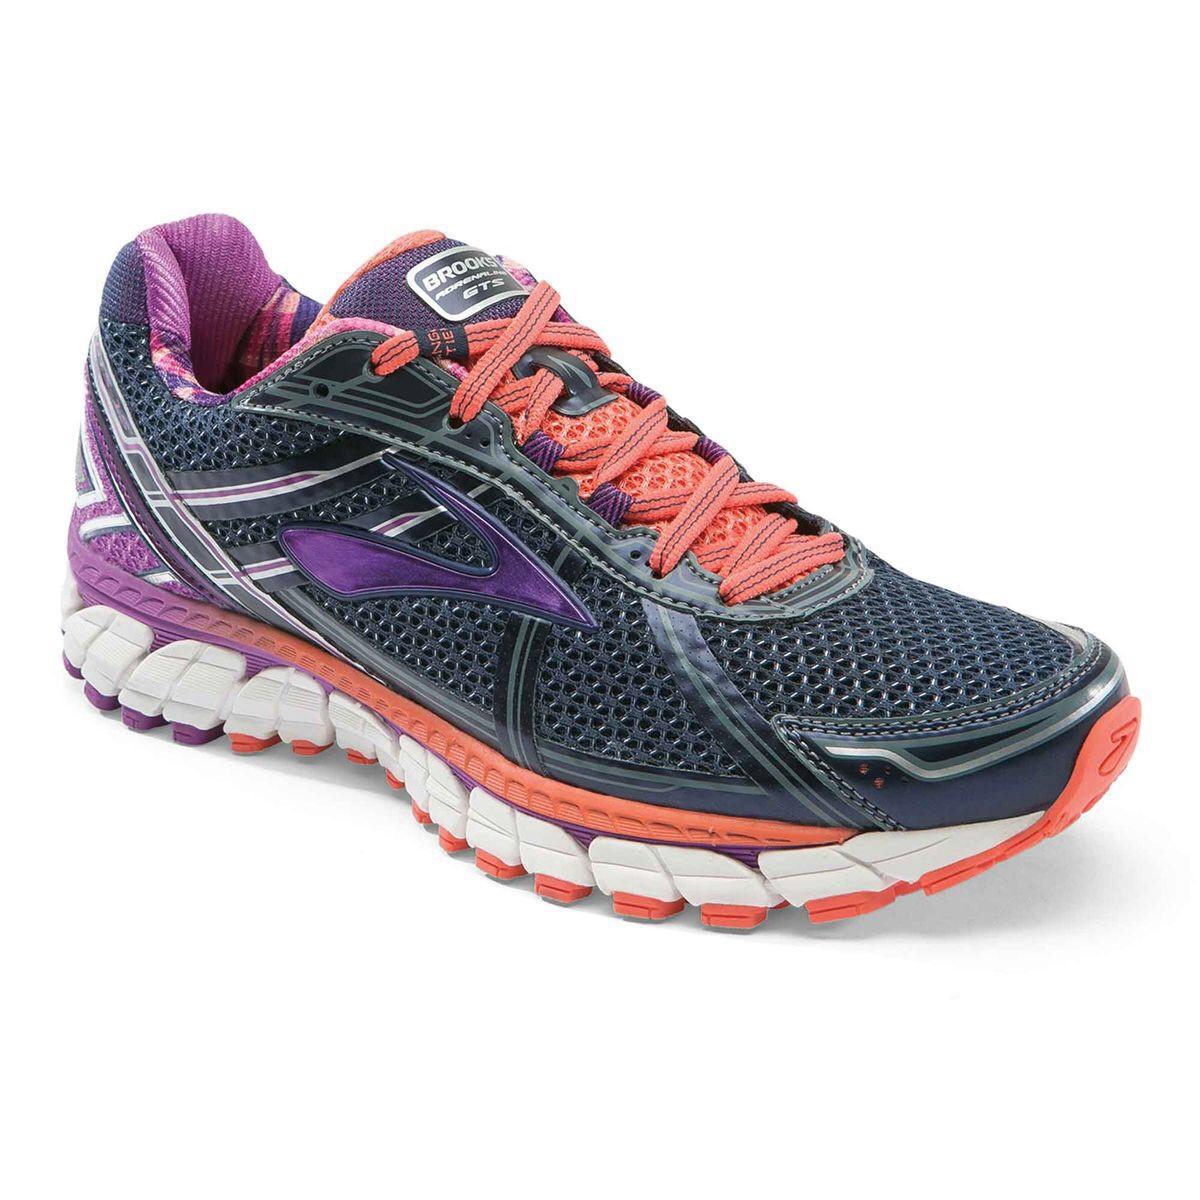 Женские кроссовки для бега Brooks Adrenaline Gts 15